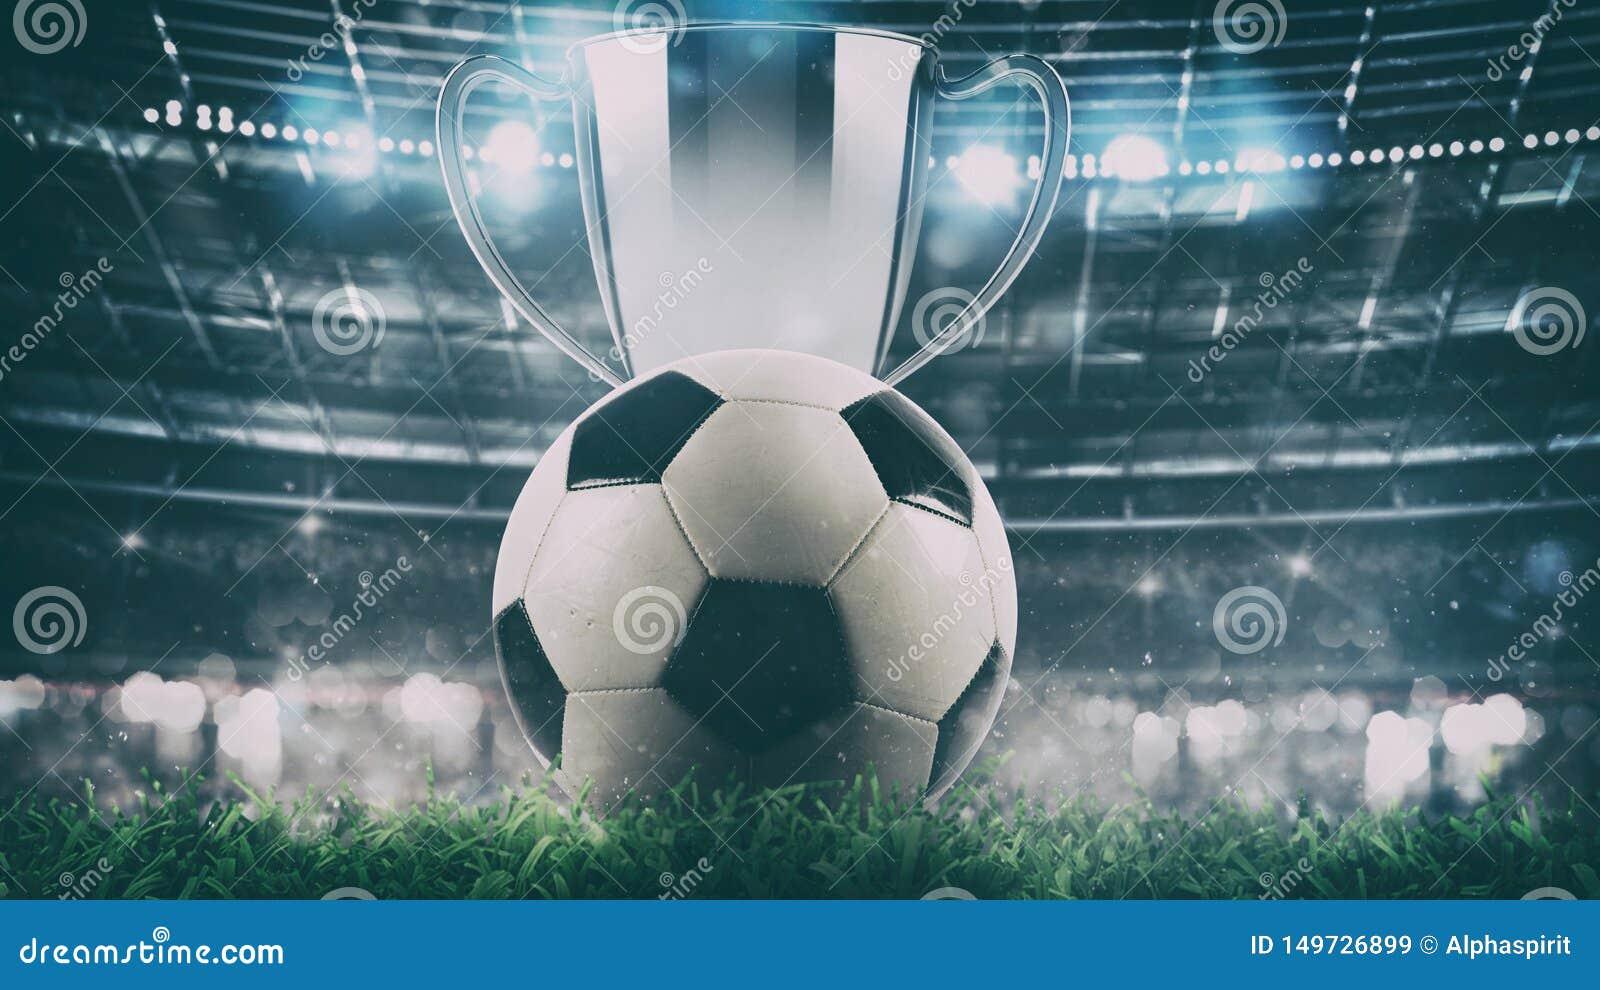 Κλείστε επάνω μιας σφαίρας ποδοσφαίρου με το τρόπαιο στο κέντρο του σταδίου που φωτίζεται από τους προβολείς